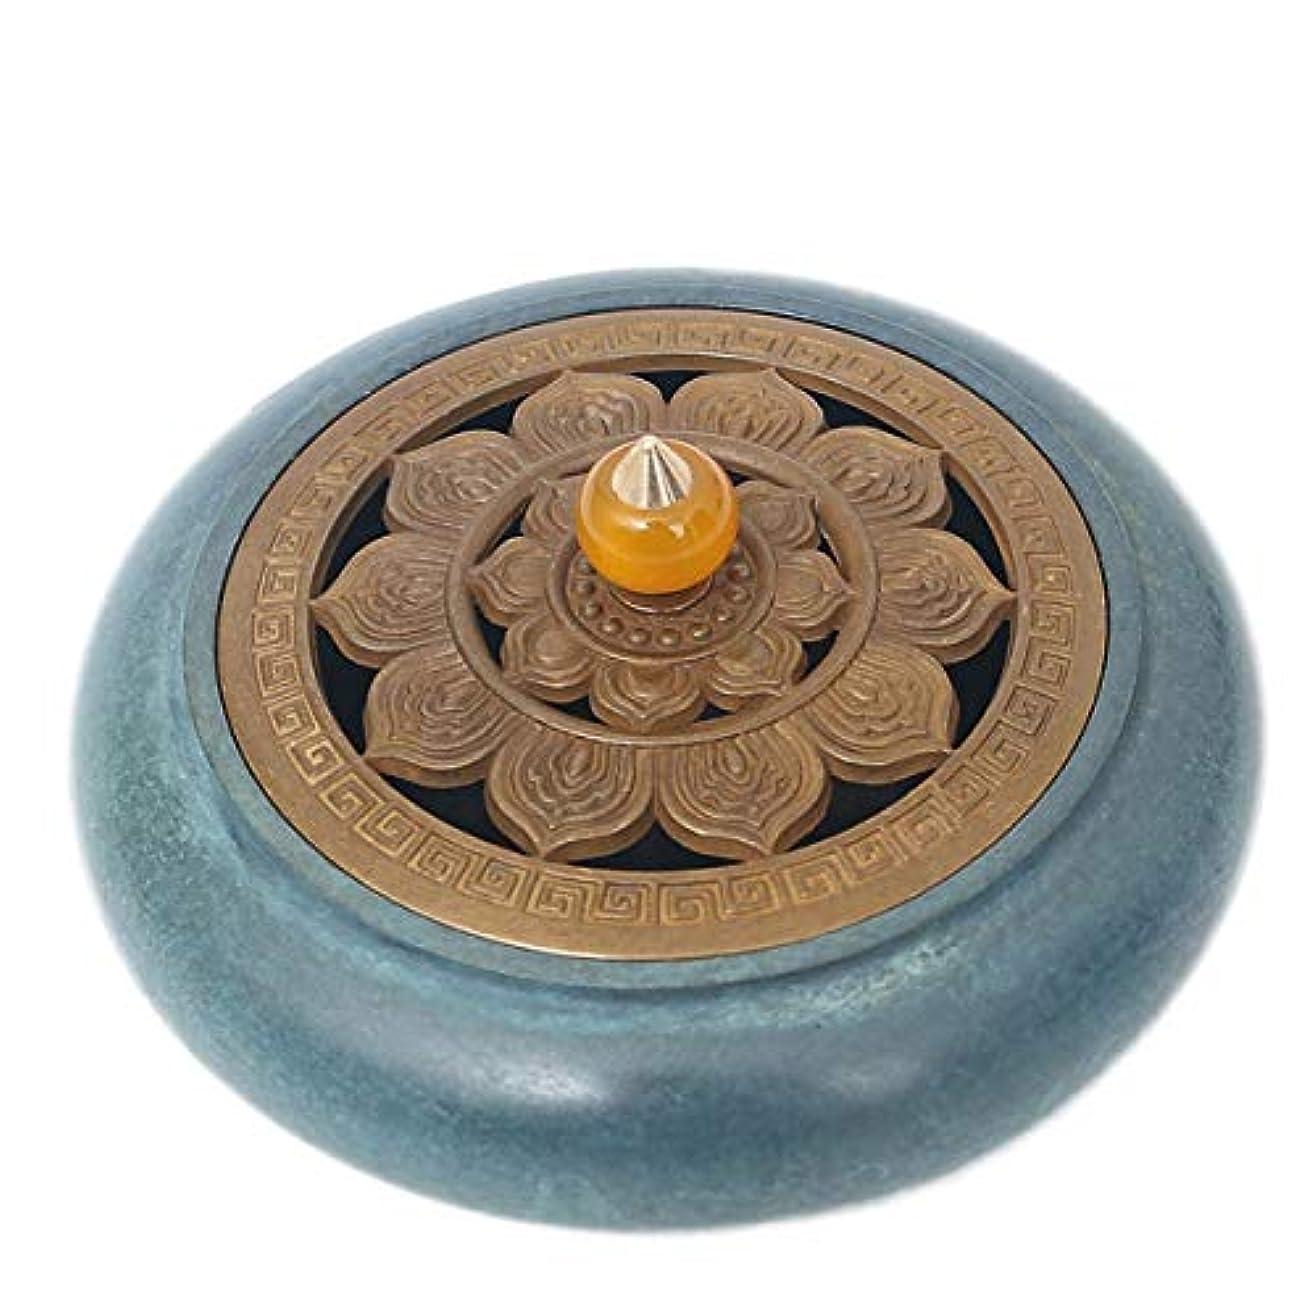 予備ウッズ溶かすコーン香バーナーと真鍮香スティックホルダー-中国銅装飾炭香炉-銅香灰キャッチャートレイボウル